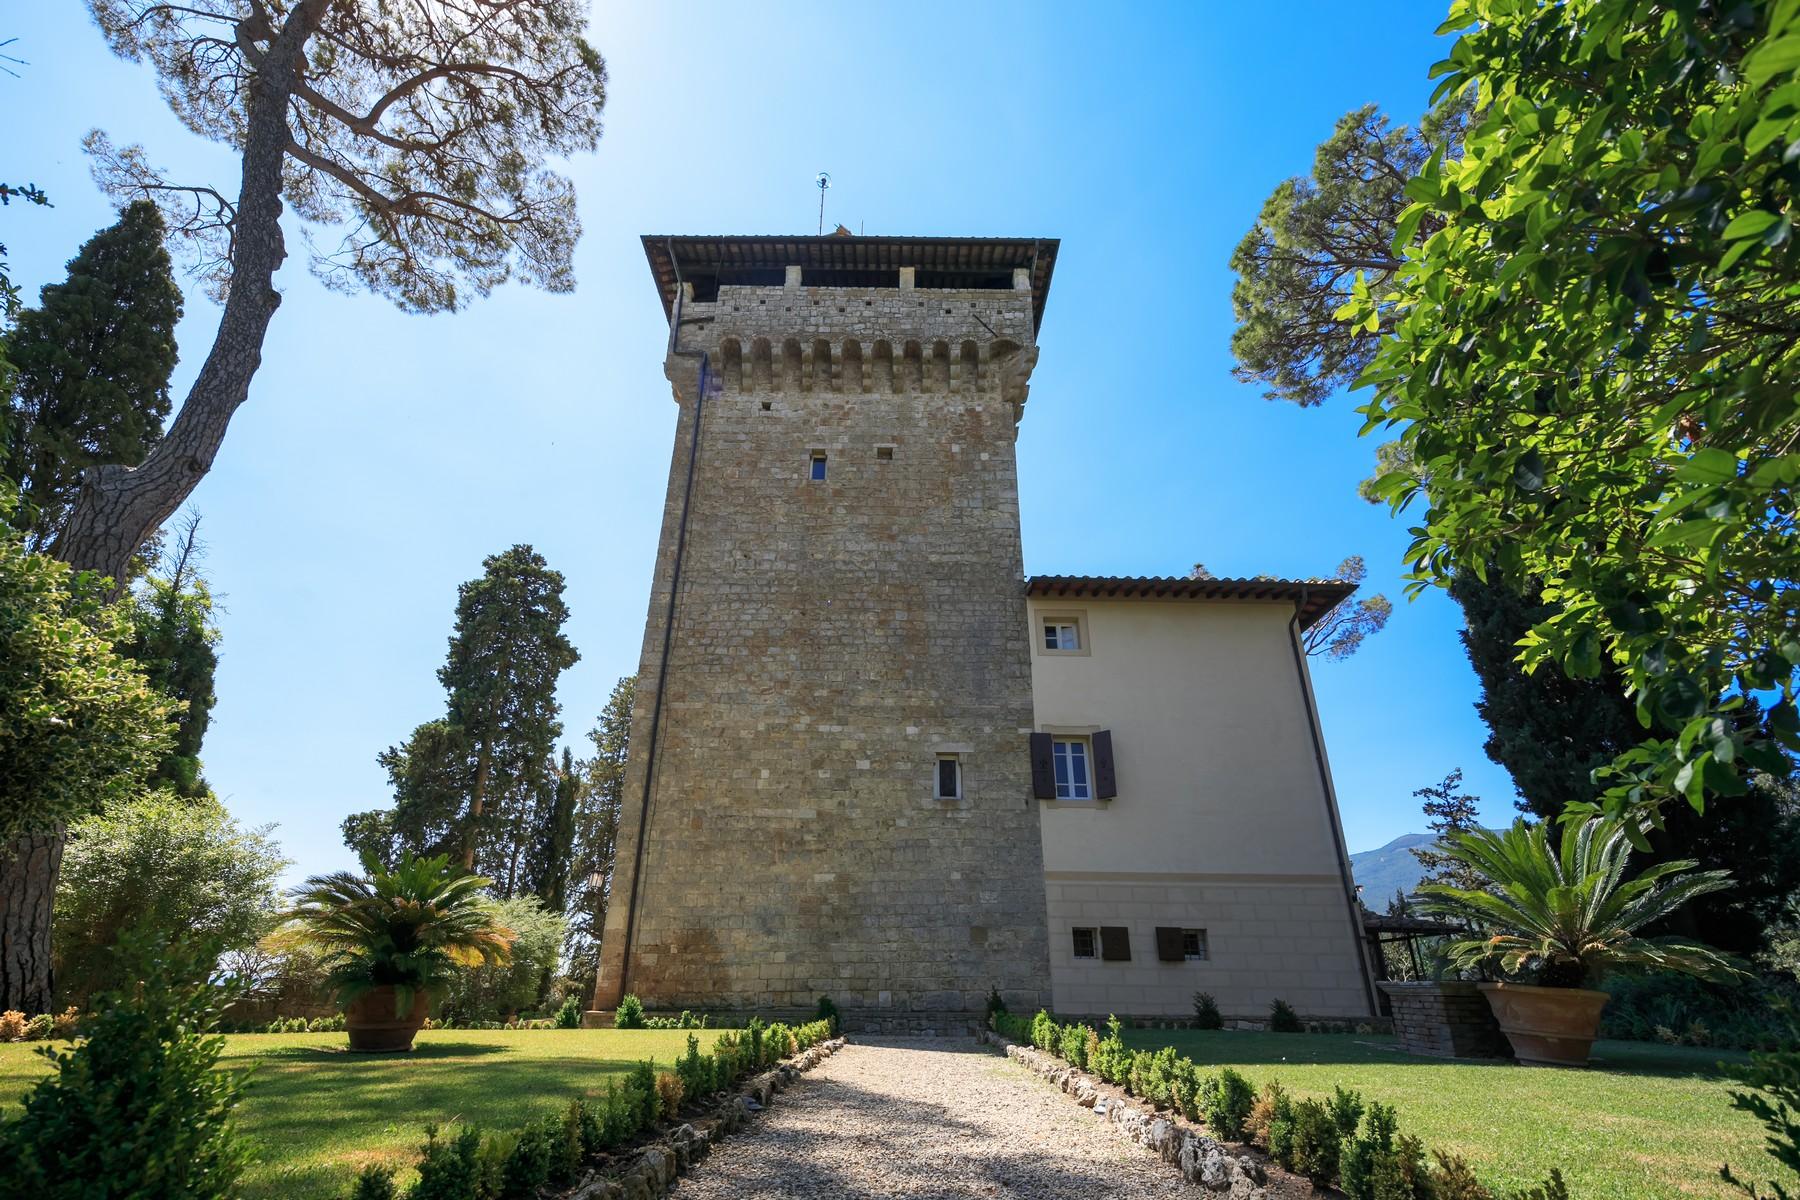 Villa in Vendita a Cetona: 5 locali, 1200 mq - Foto 28